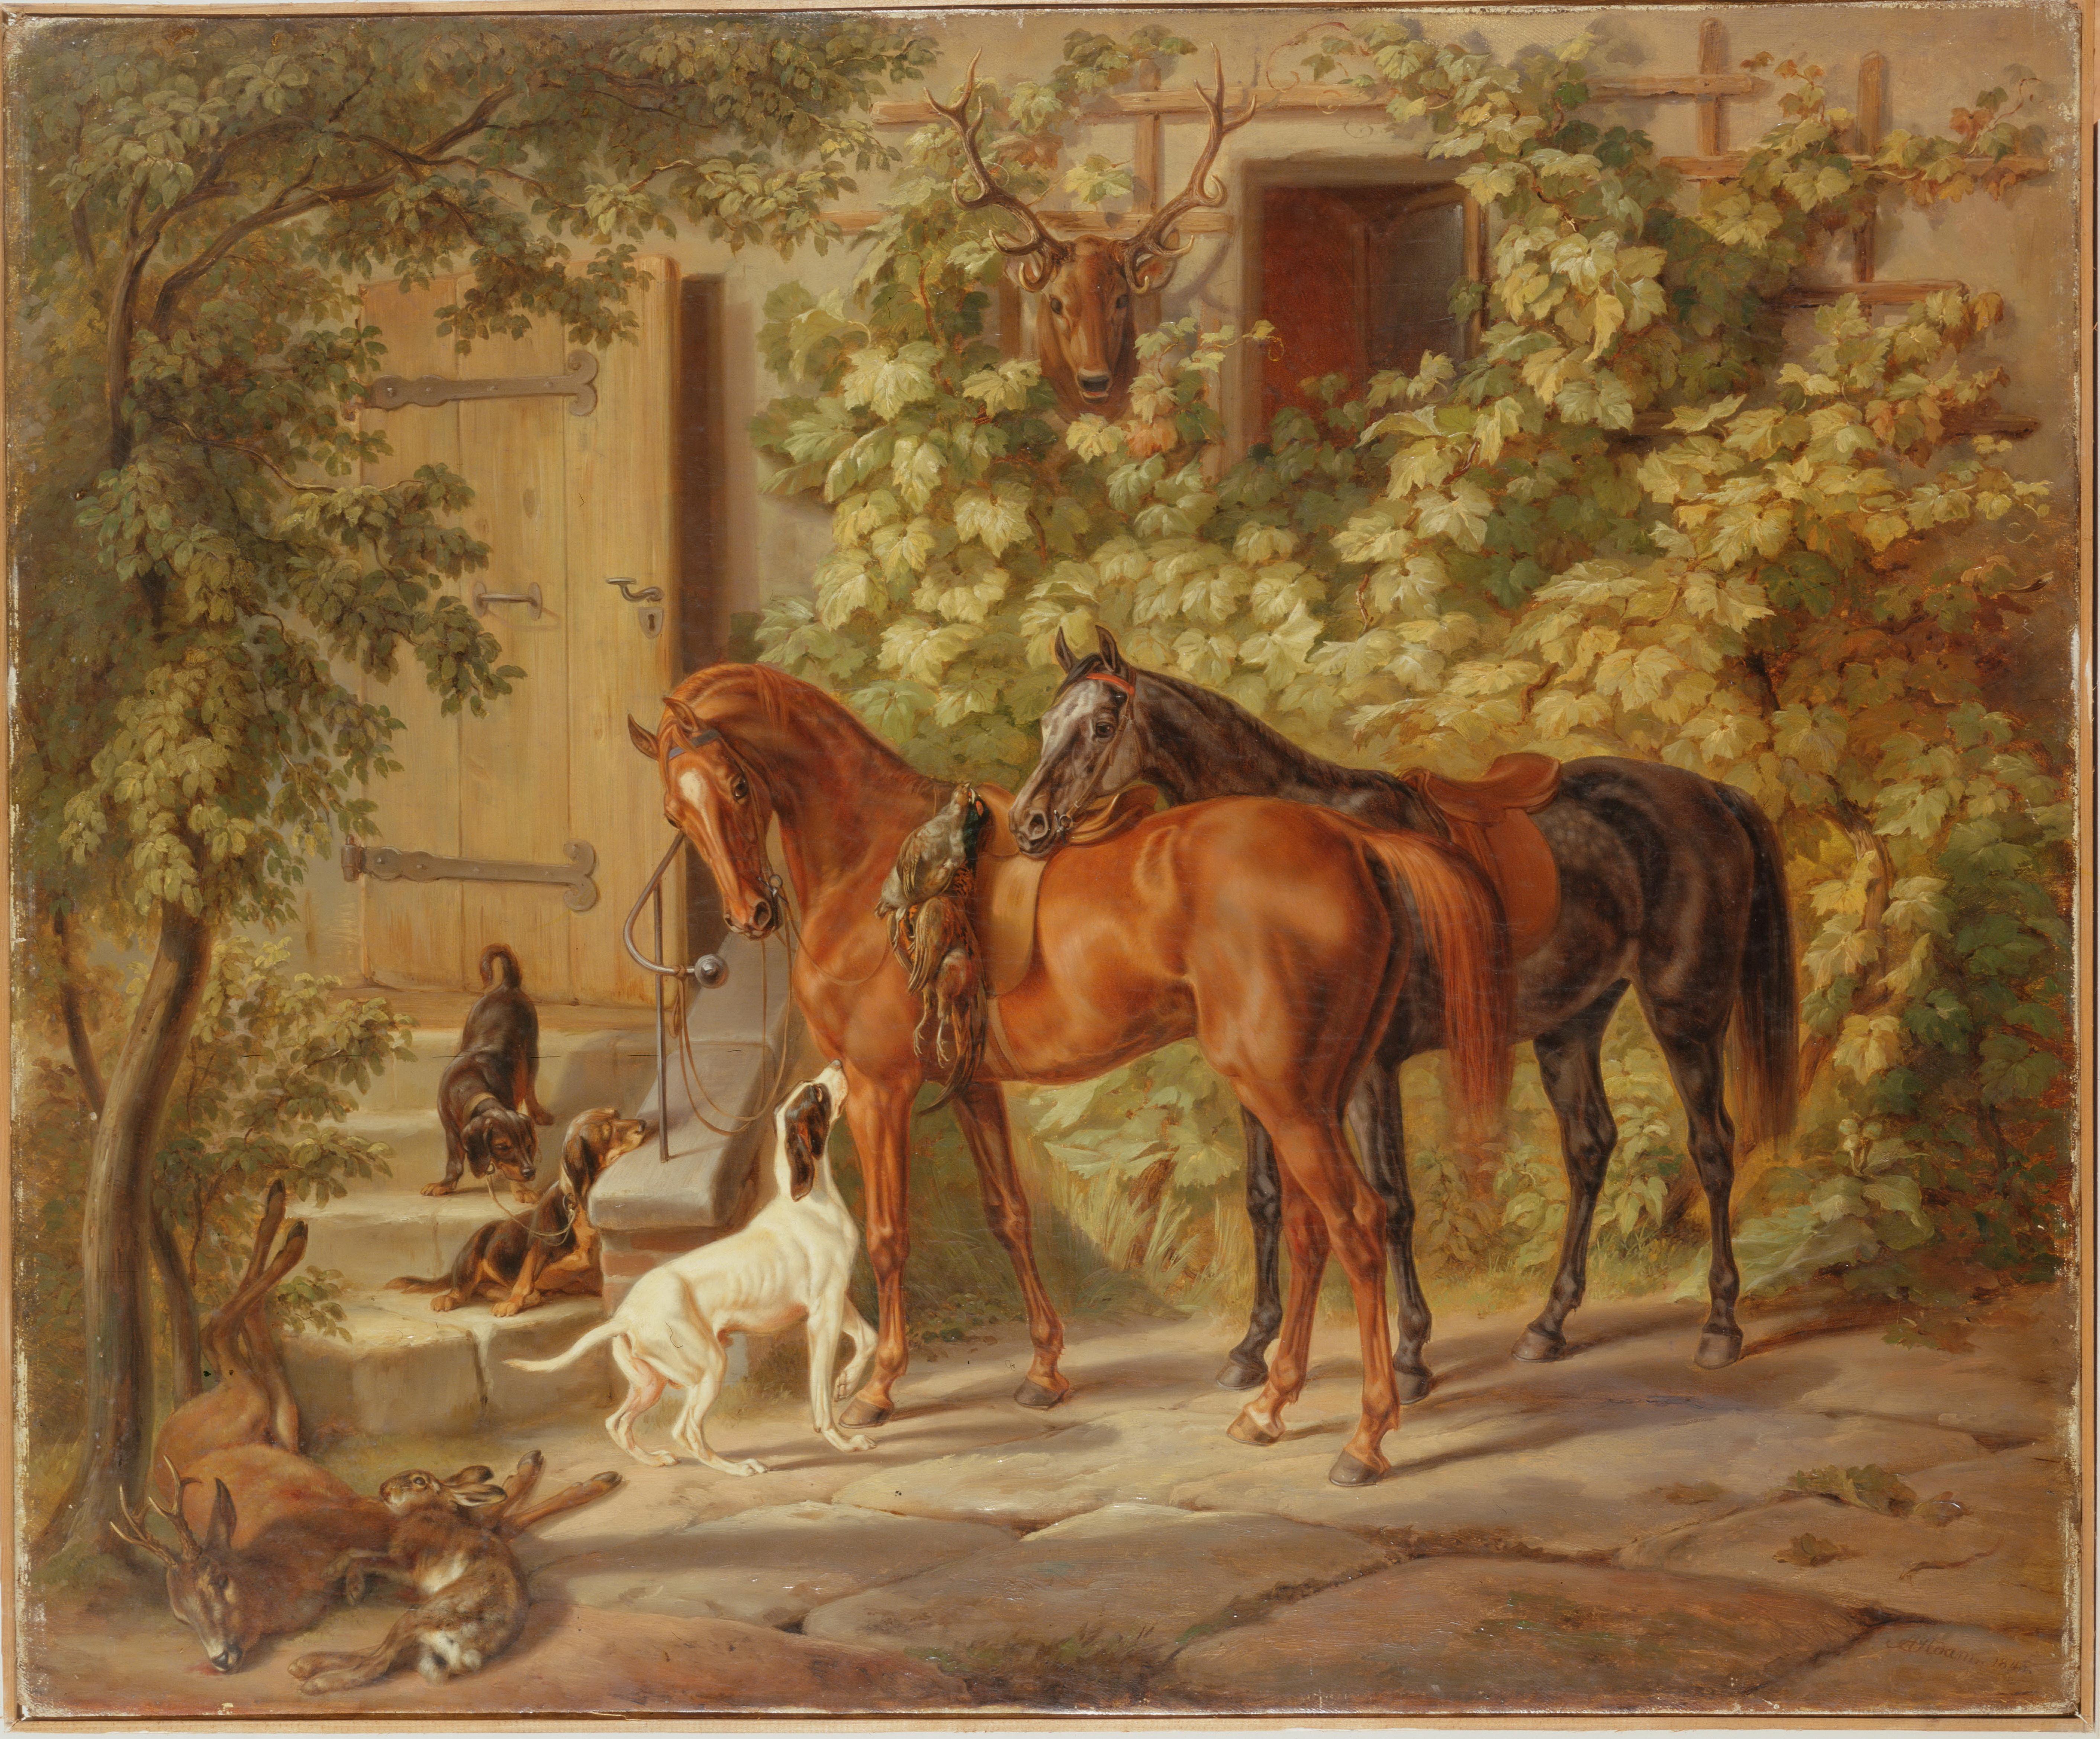 Животные рисунки великих художников 4